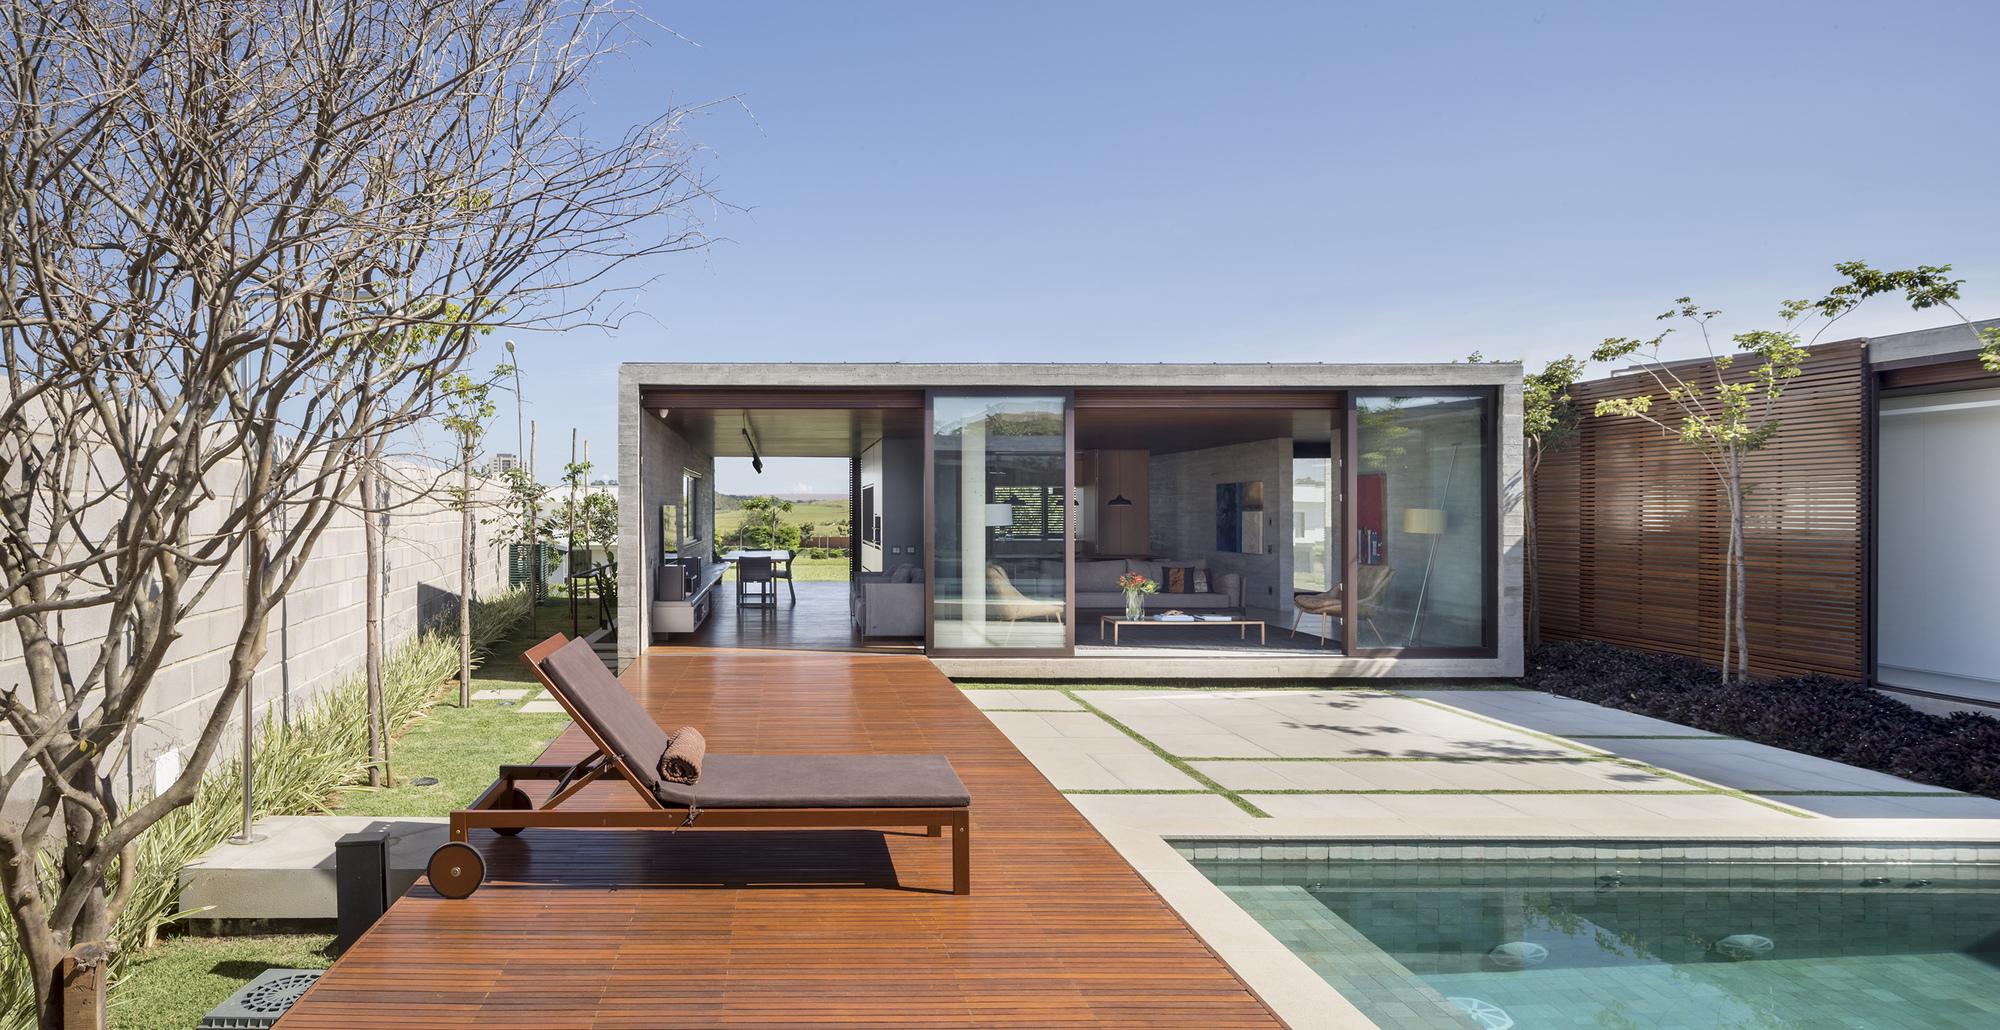 Galer a de casa g ths arqbr arquitetura e urbanismo 10 for Modelos de techos para galerias